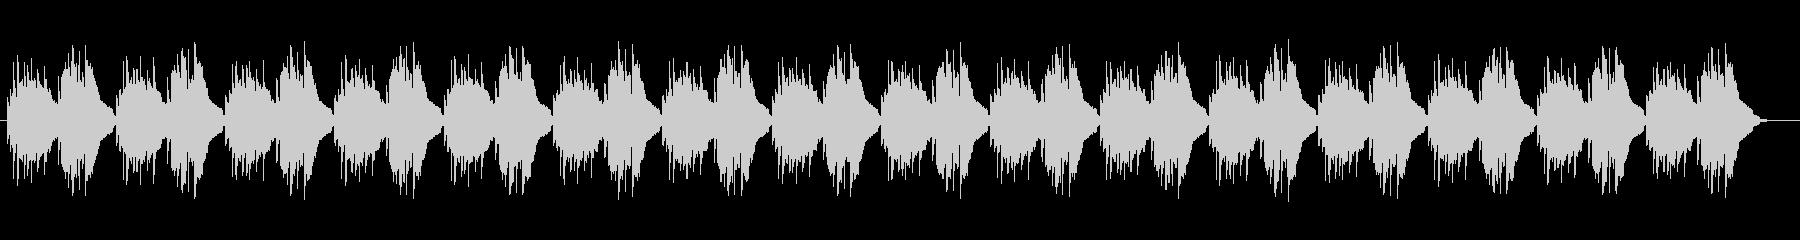 木琴によるリラクゼーションミュージックの未再生の波形